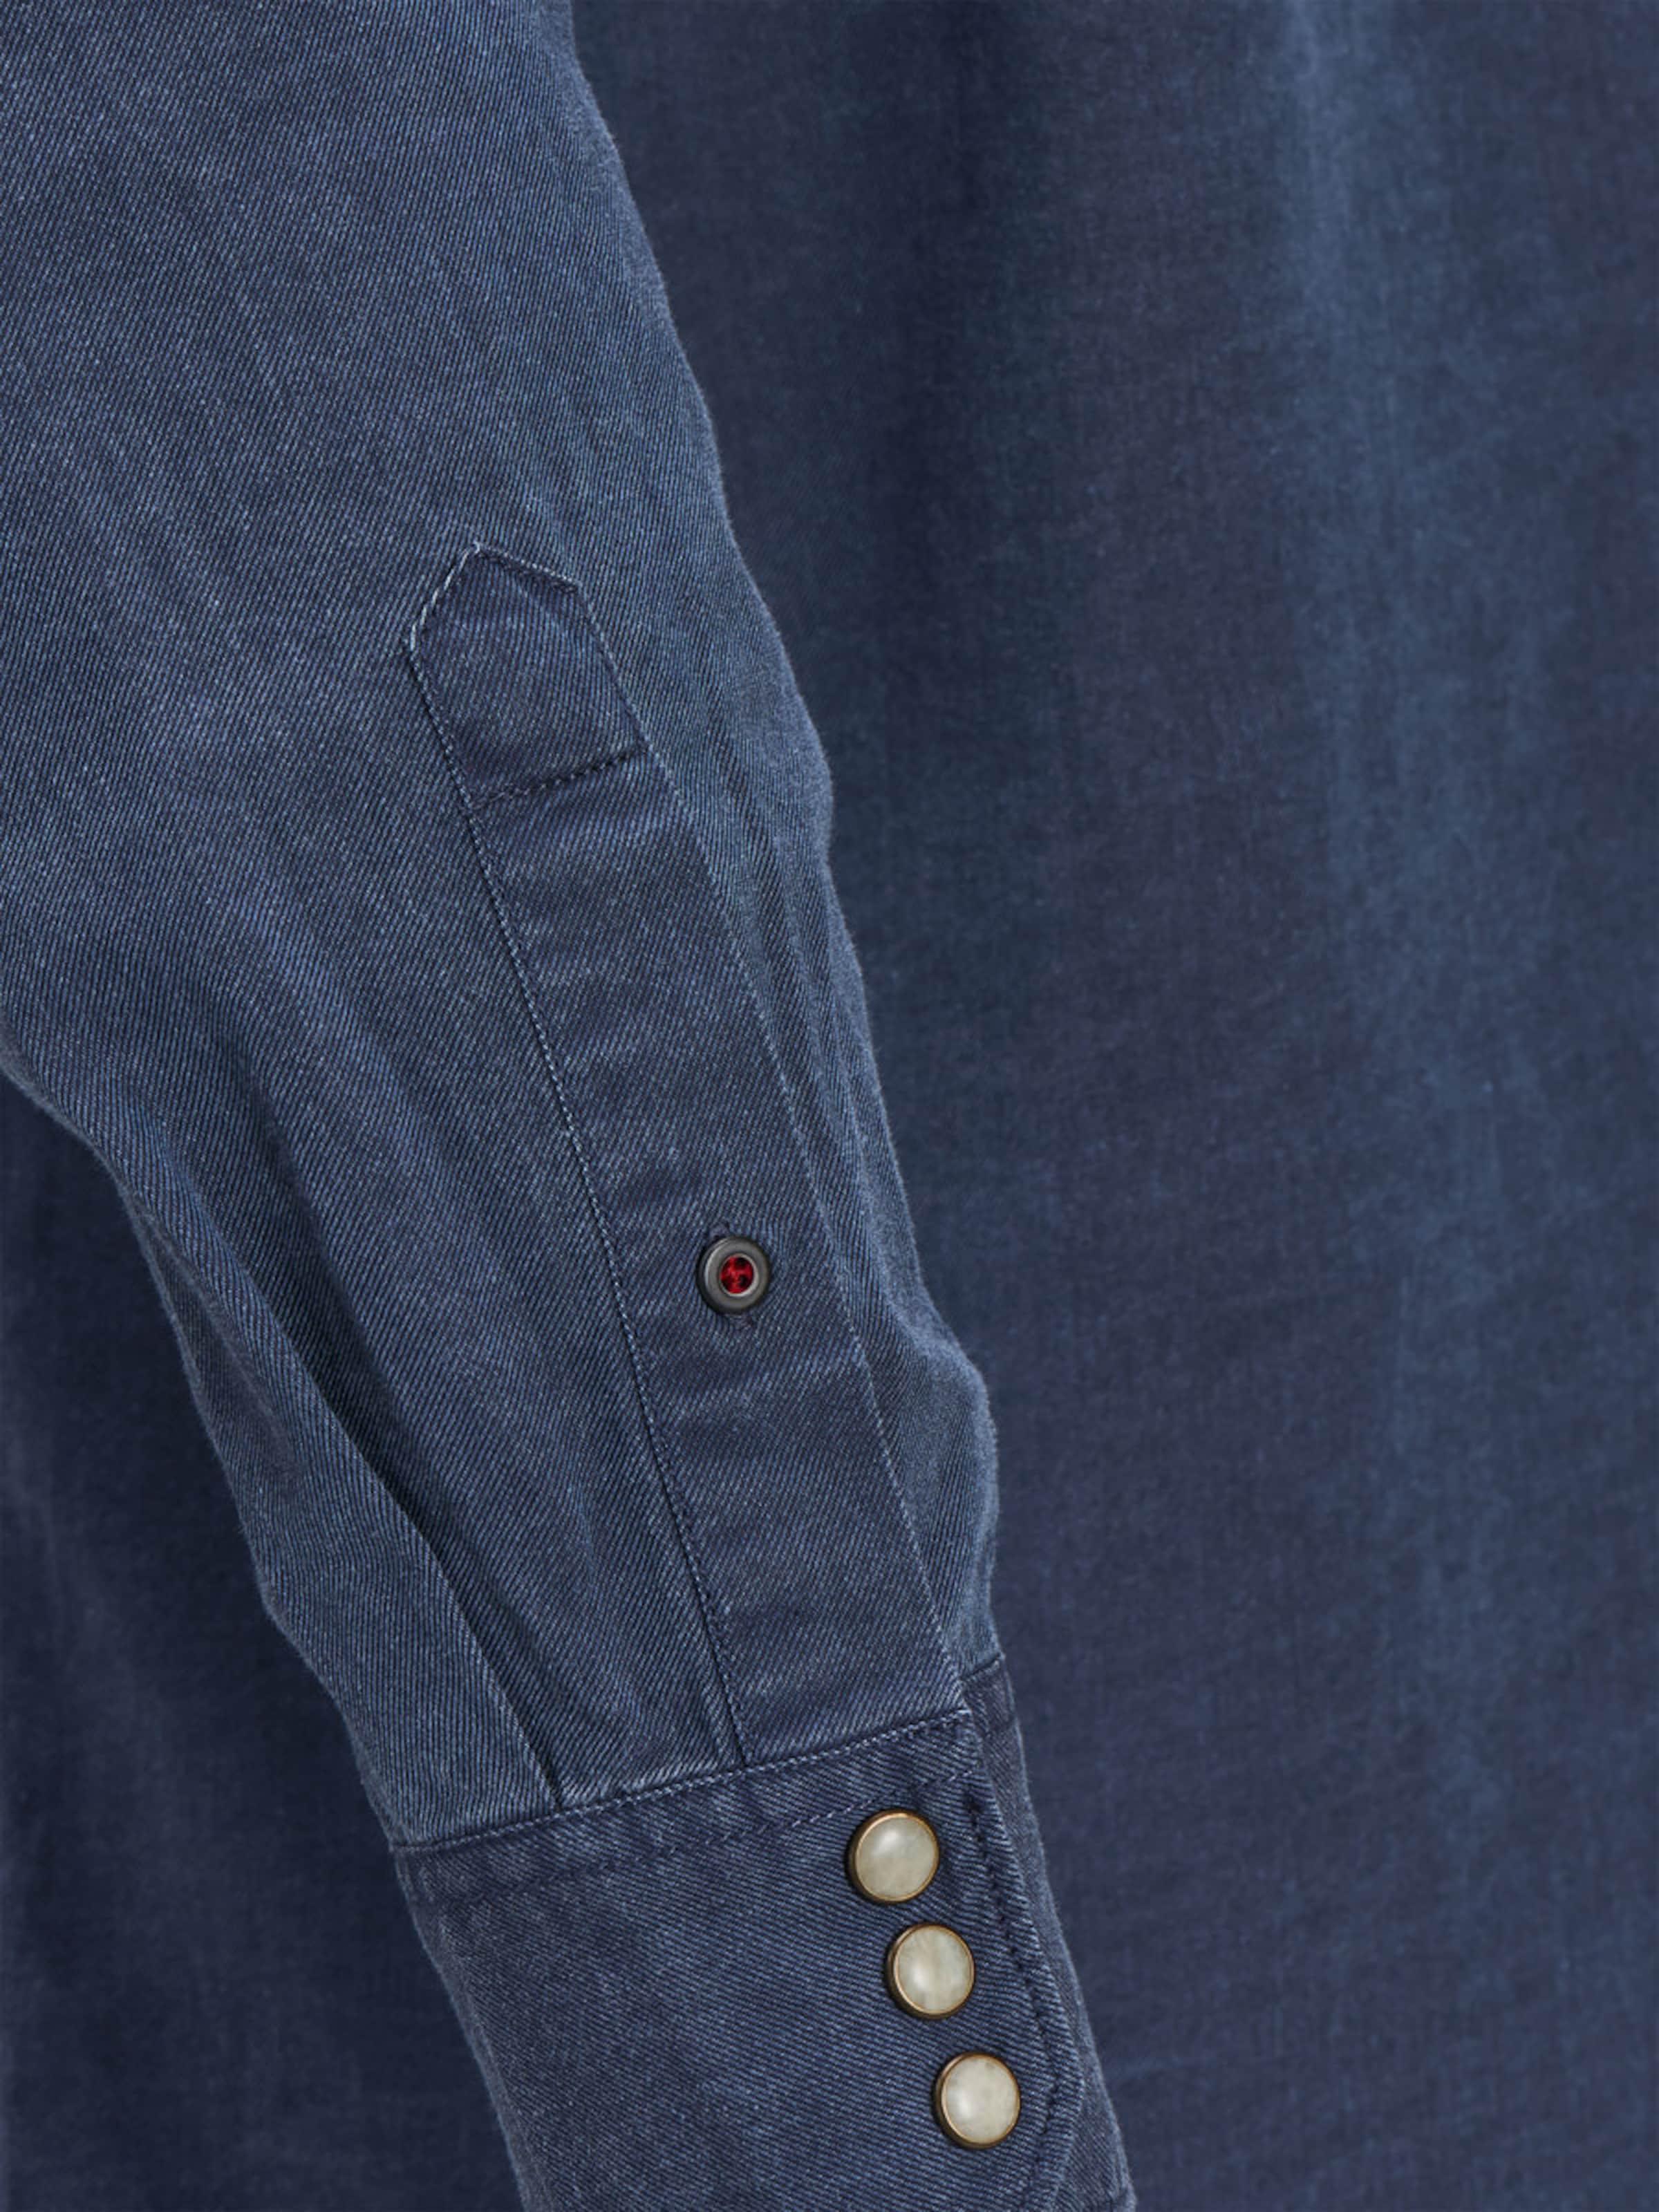 Rabatt Mit Mastercard Günstig Kaufen Brandneue Unisex JACK & JONES Lässiges Langarmhemd Ebay Freies Verschiffen Der Offizielle Website XpgsagMgKL